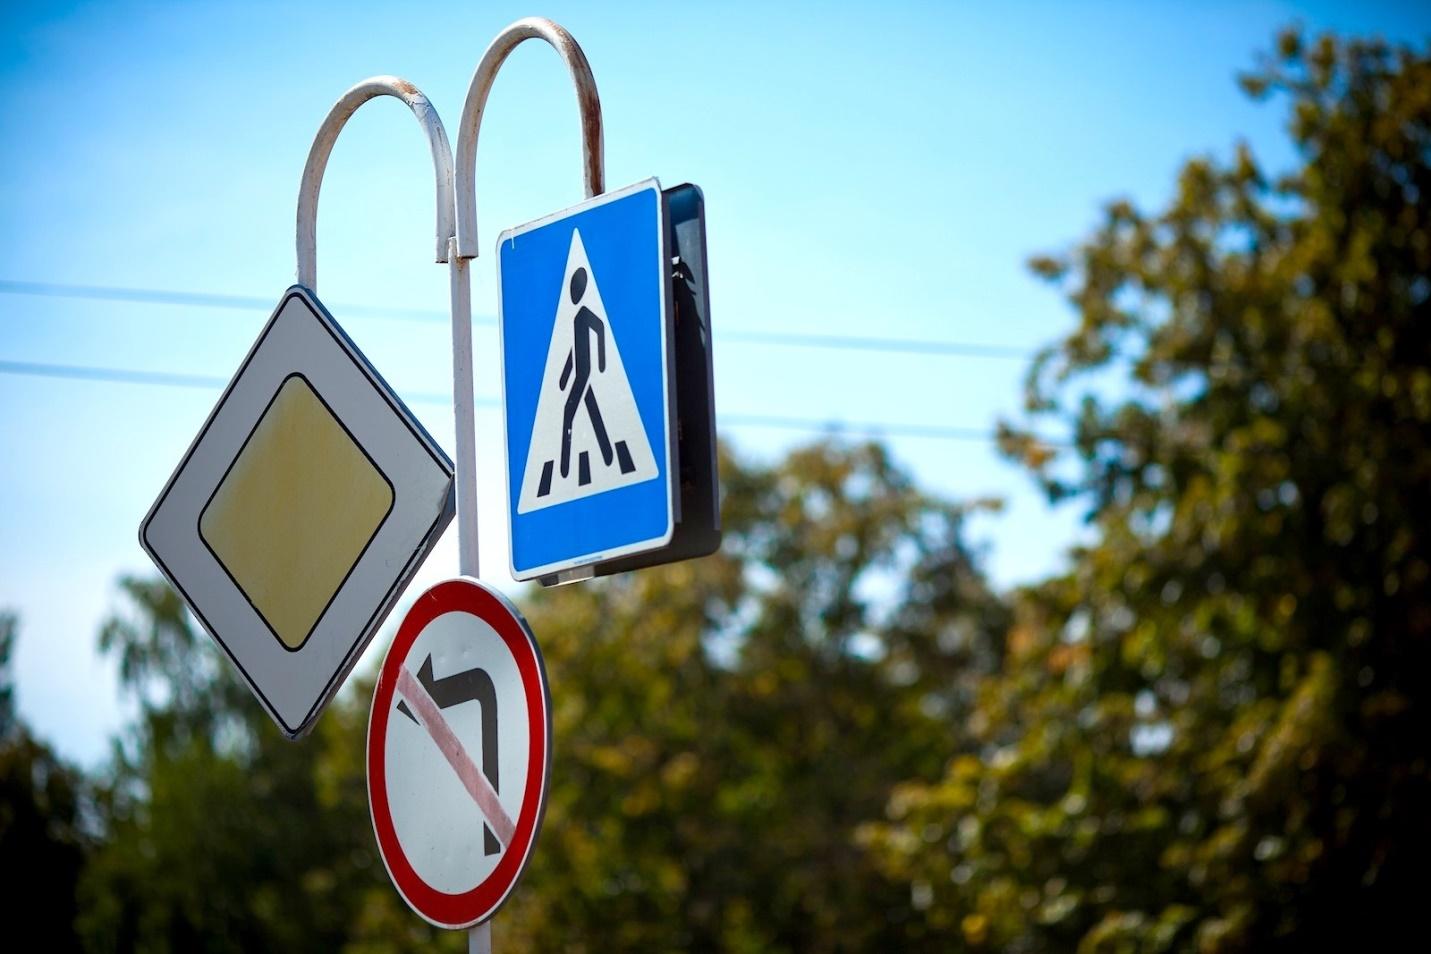 Более 1500 социально значимых участков дорог будет обустроено по всей России